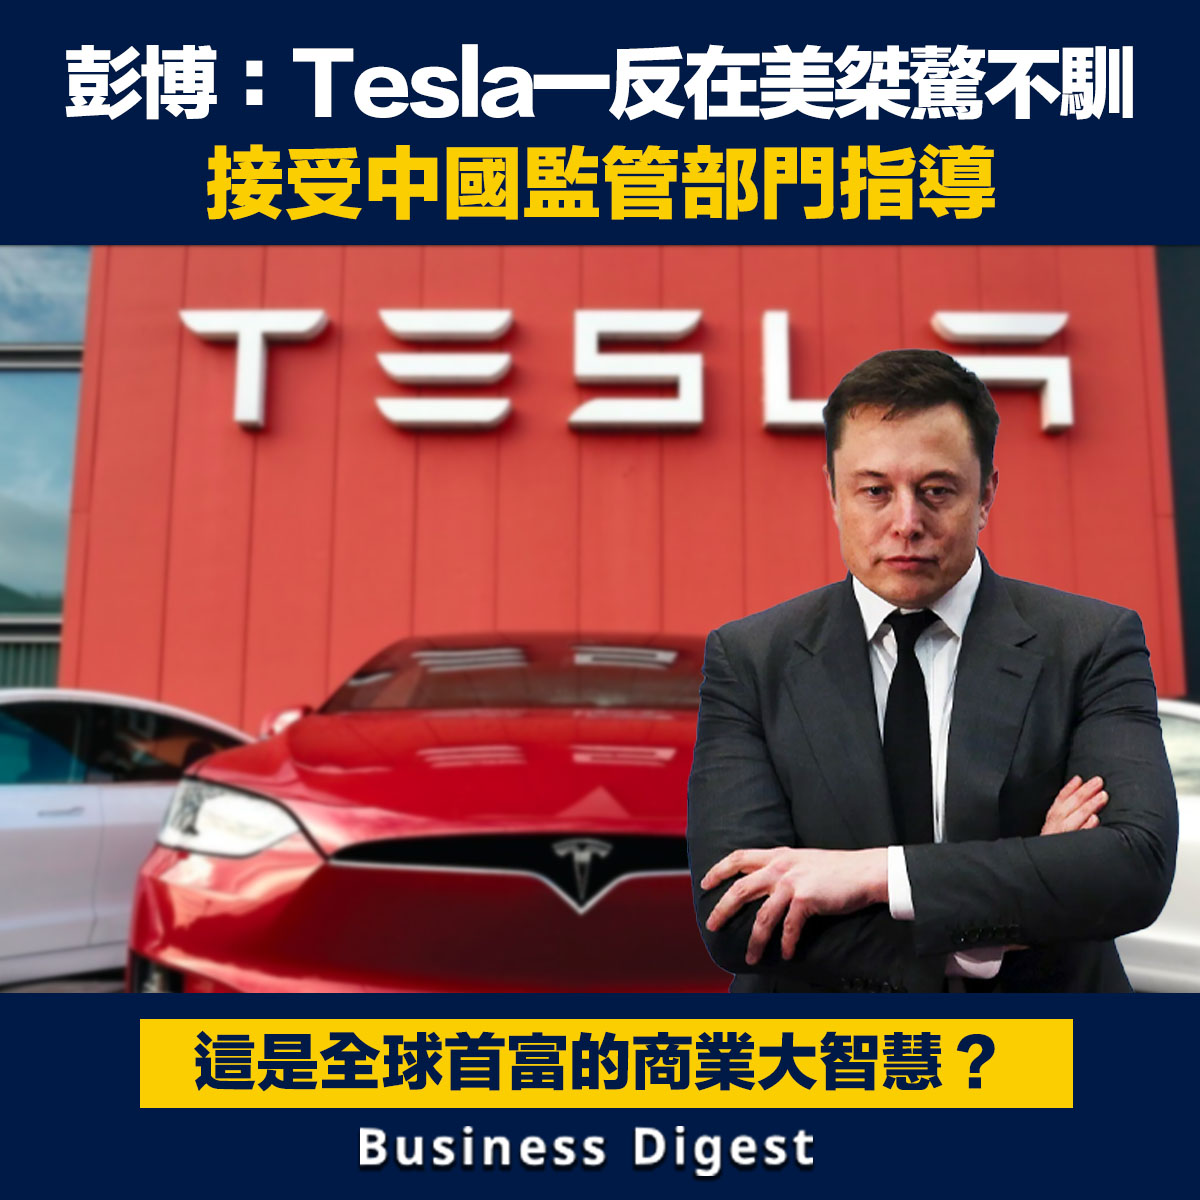 彭博:Tesla一反在美國桀驁不馴,接受中國監管部門指導